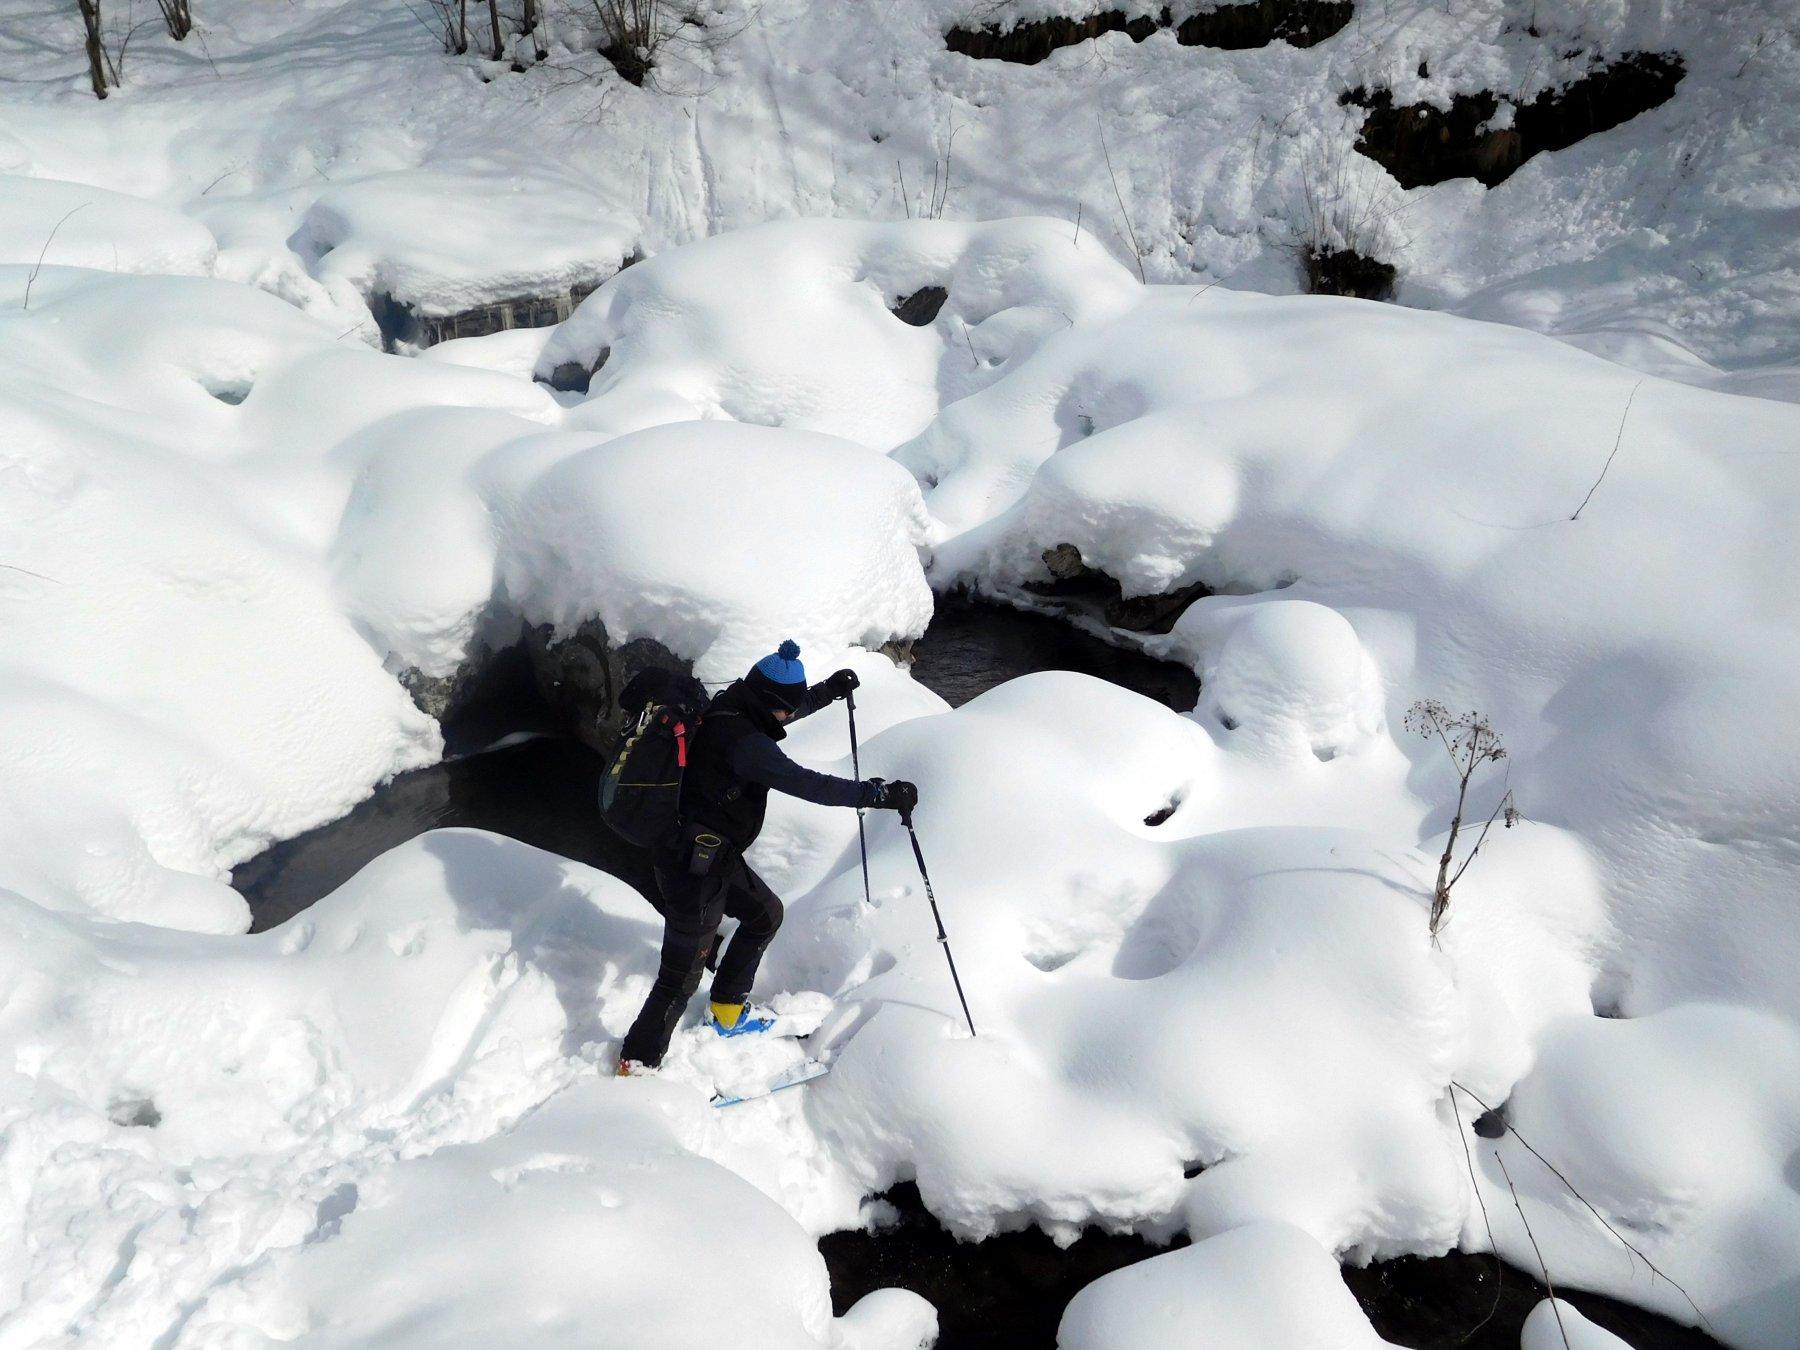 guado agevolato dalla neve abbondante